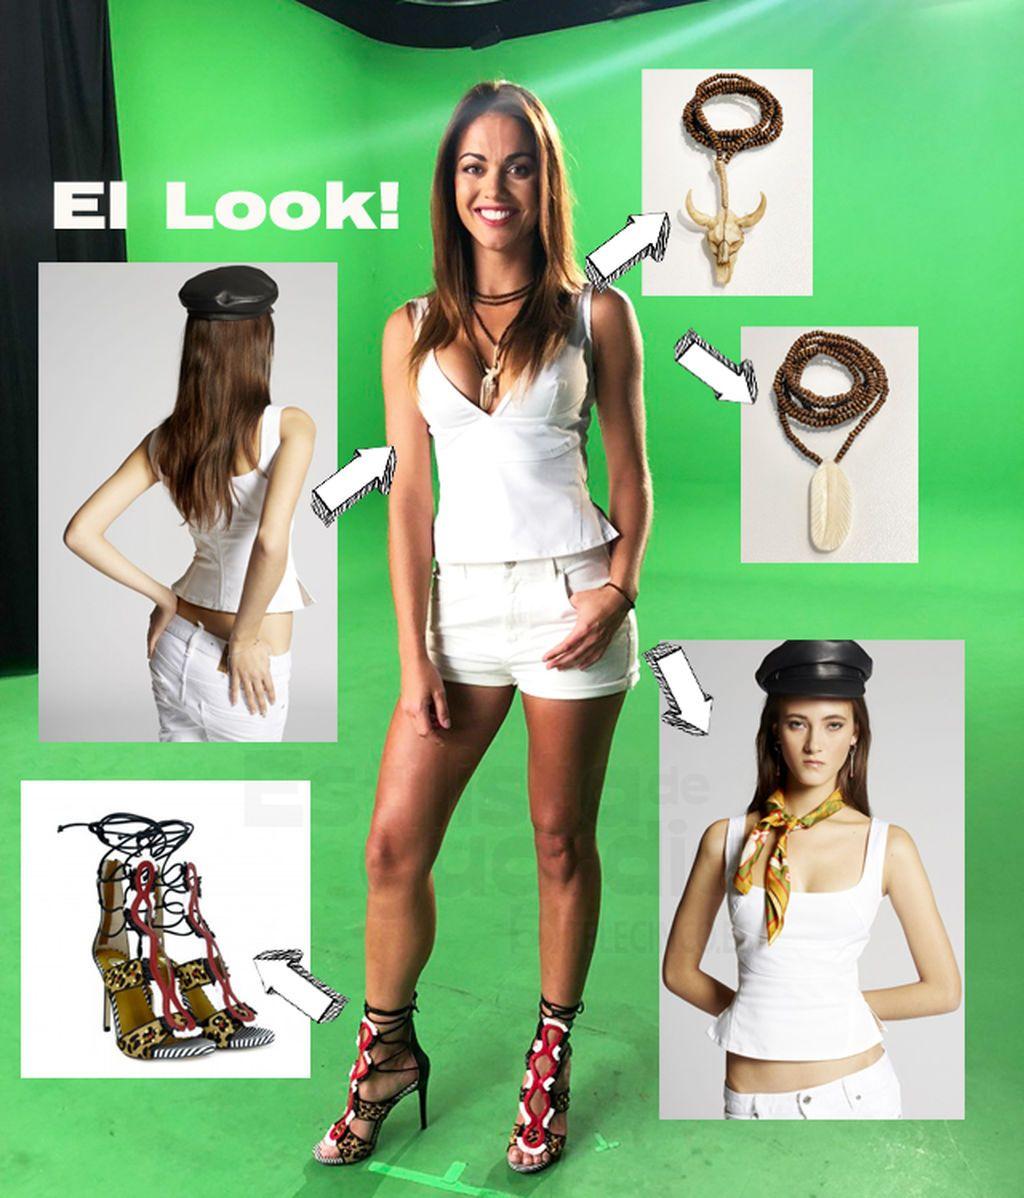 el look